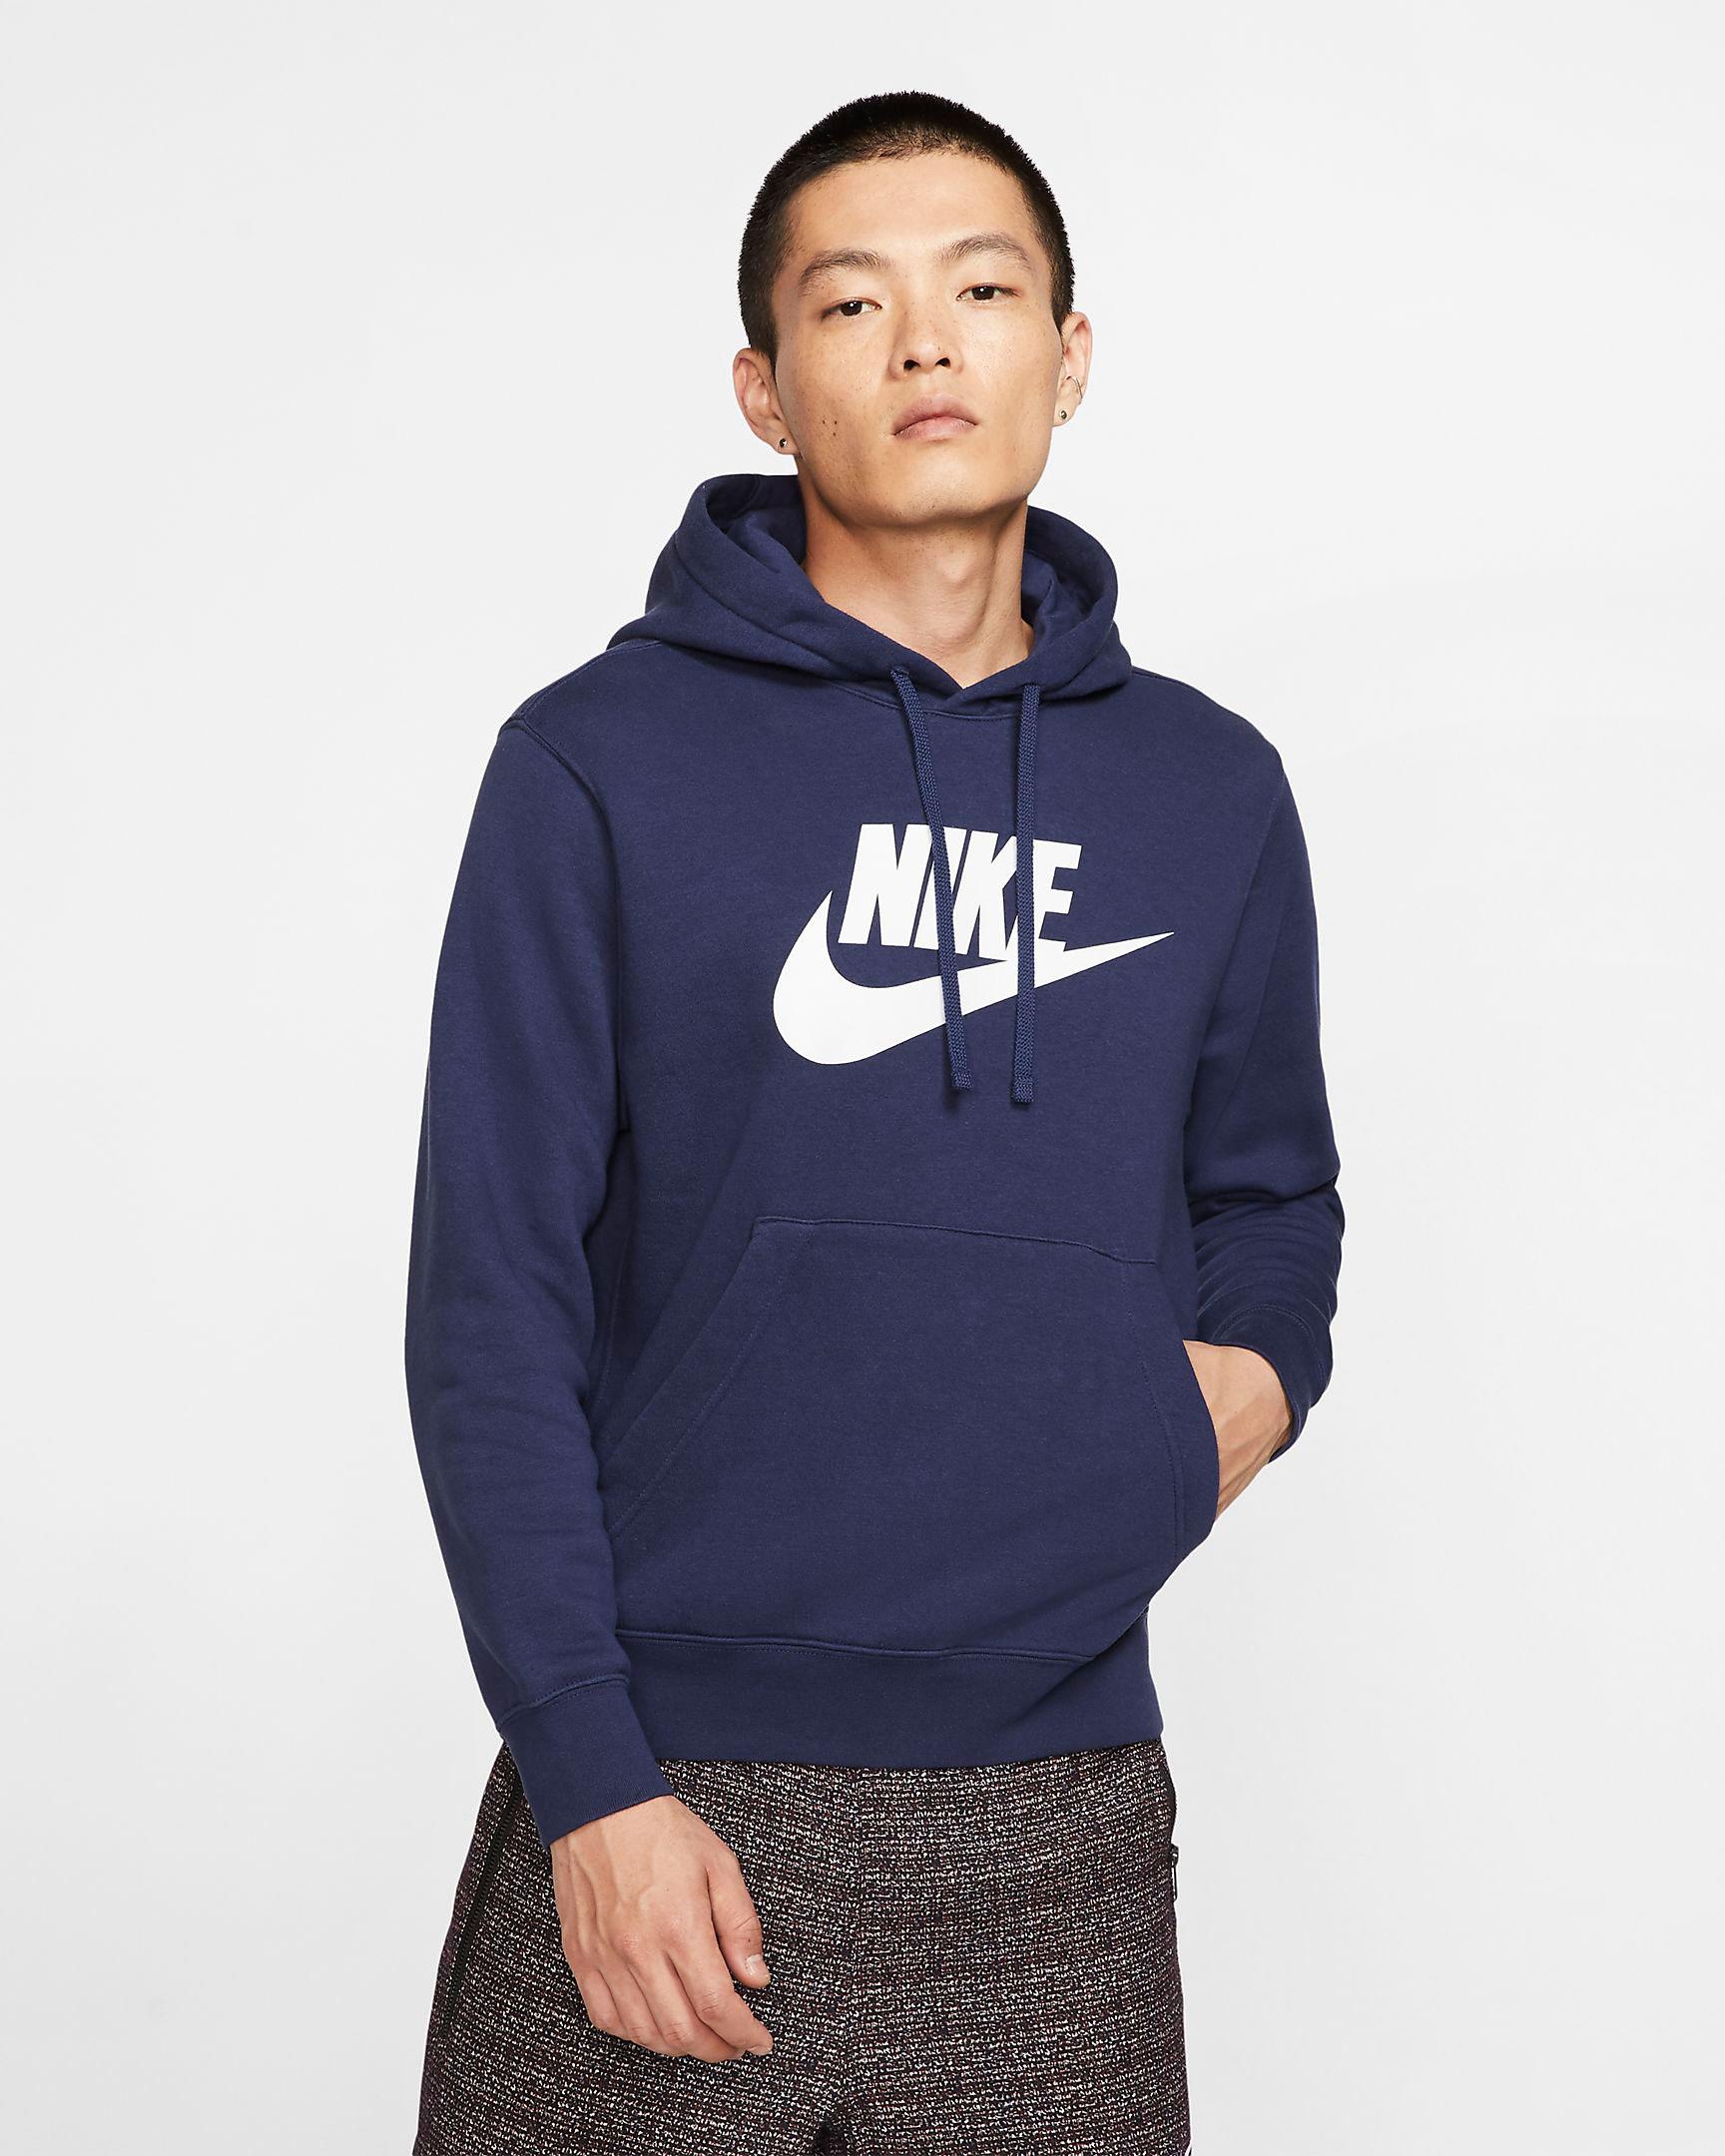 jordan-1-bio-hack-nike-hoodie-navy-blue